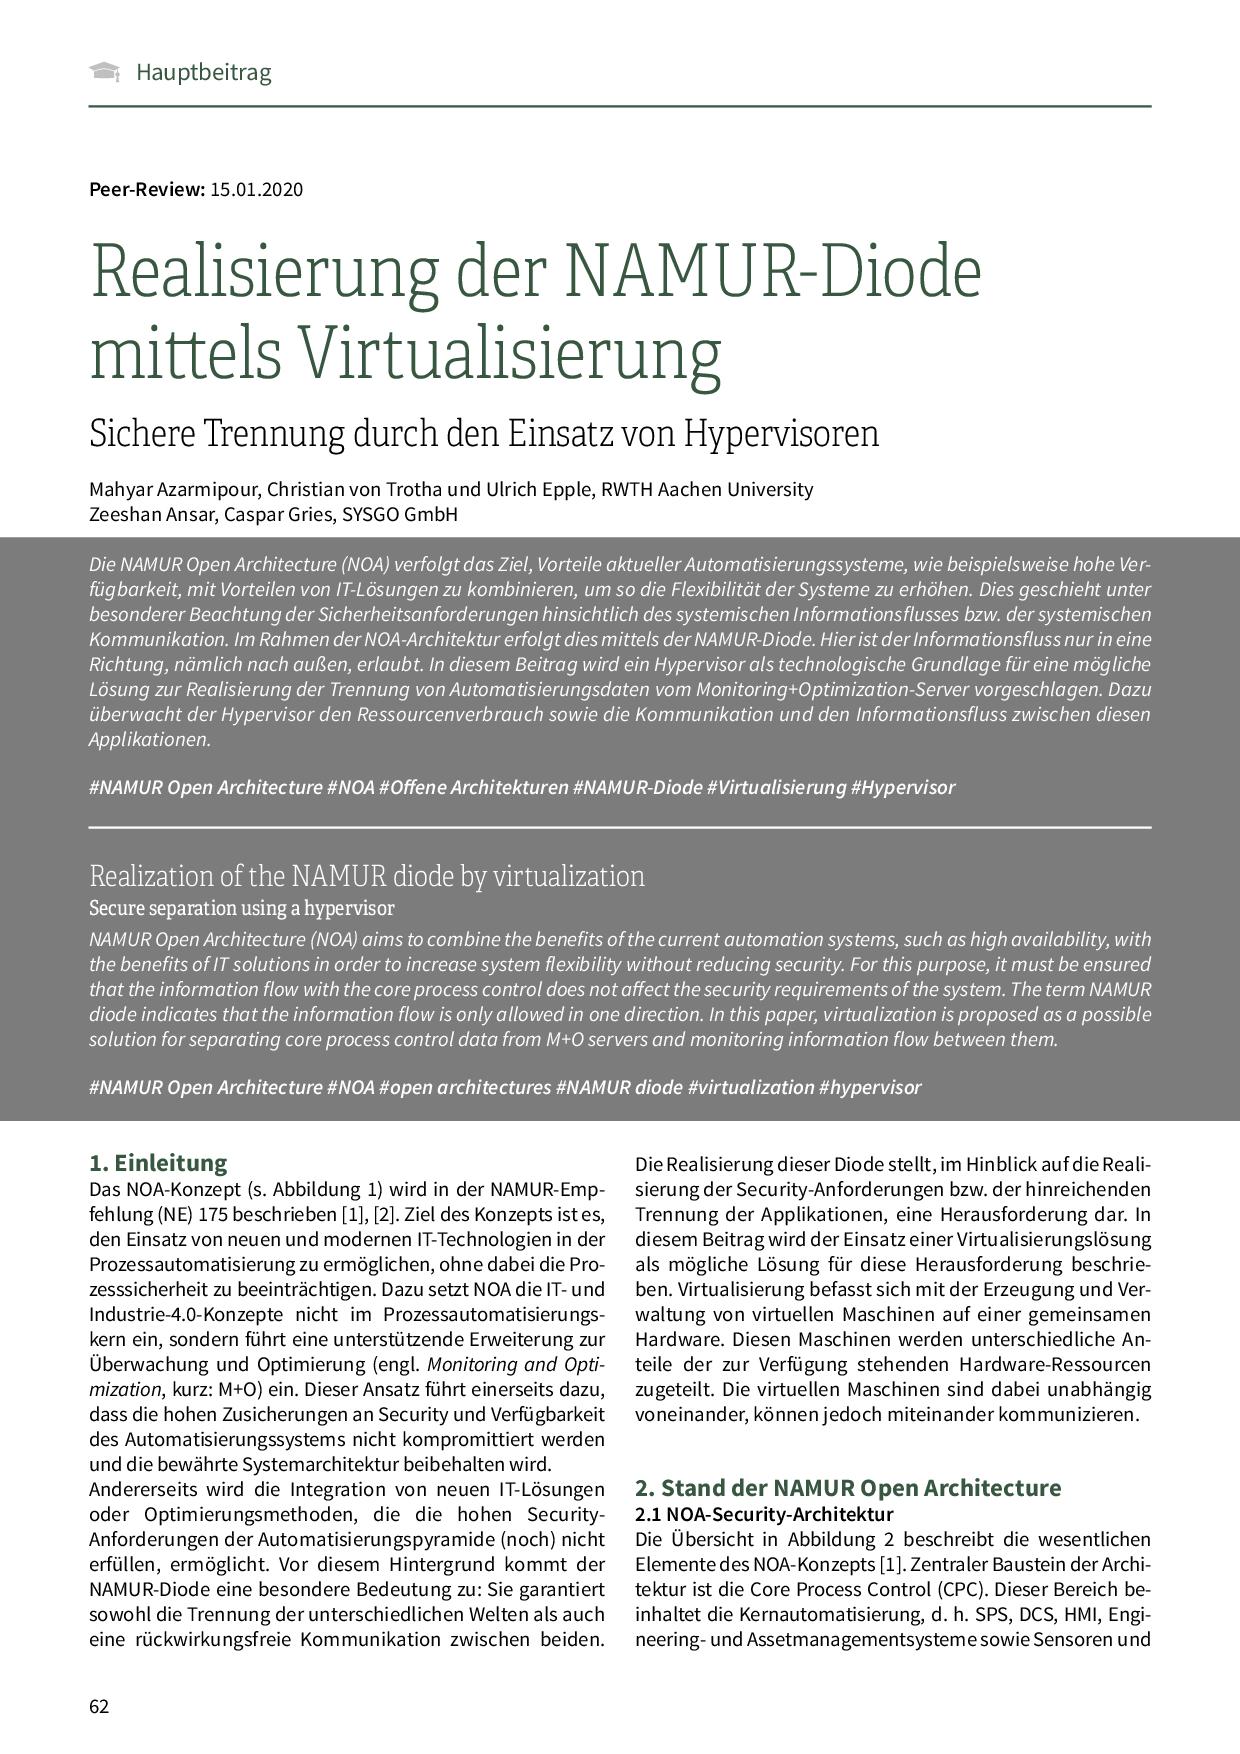 Realisierung der NAMUR-Diode mittels Virtualisierung